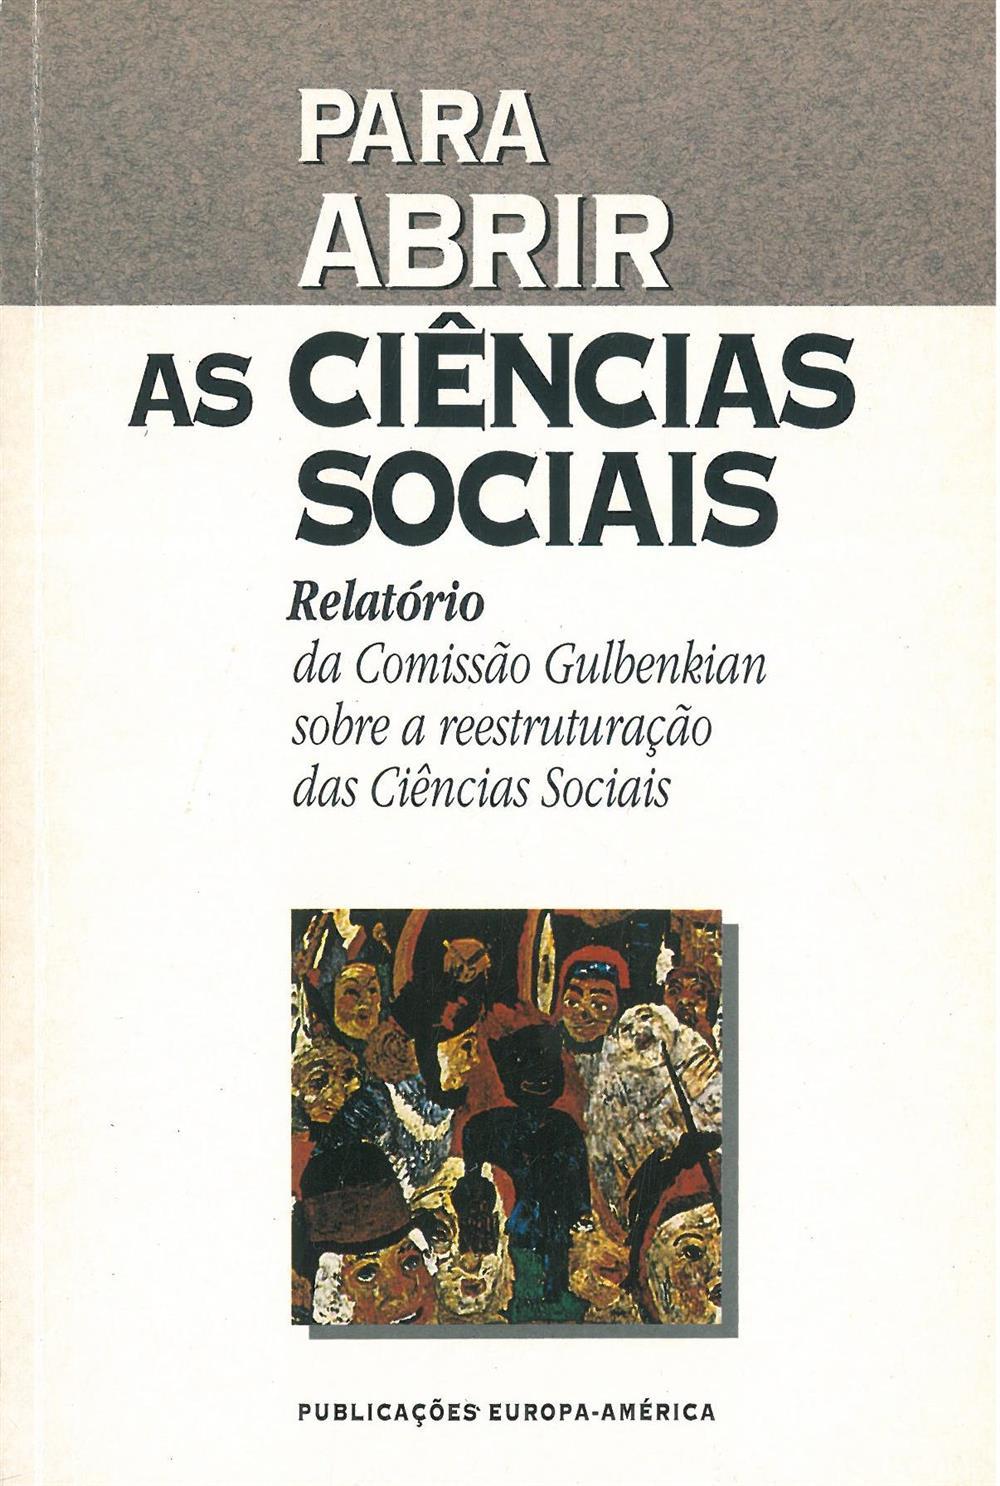 Para abrir as ciências sociais.jpg